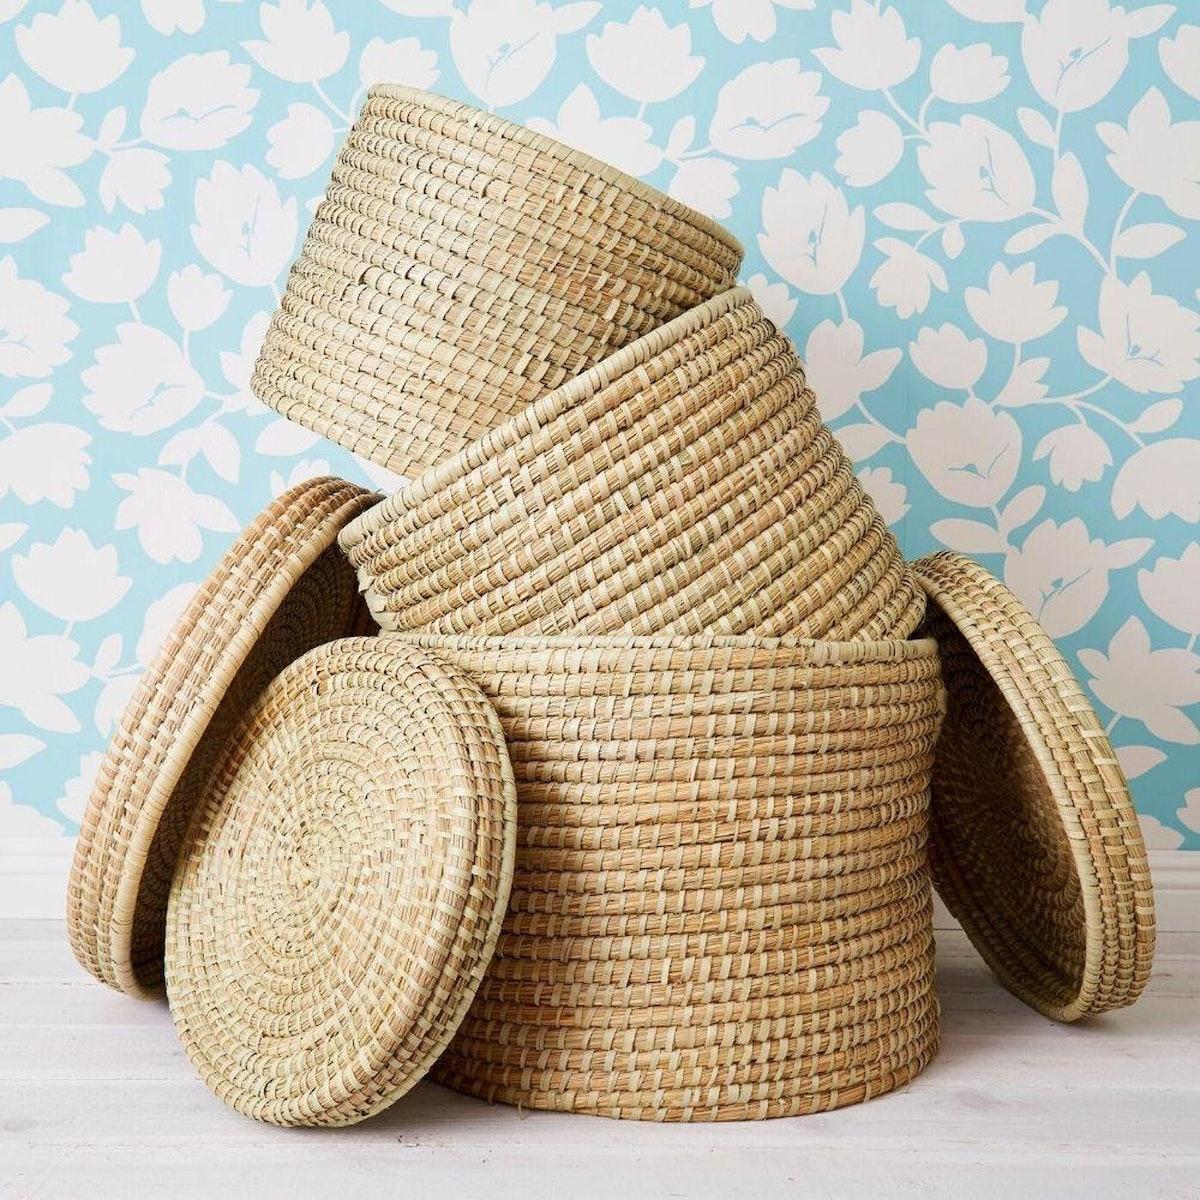 Set of Three Natural Lidded Kaisa Grass Baskets from Bangladesh